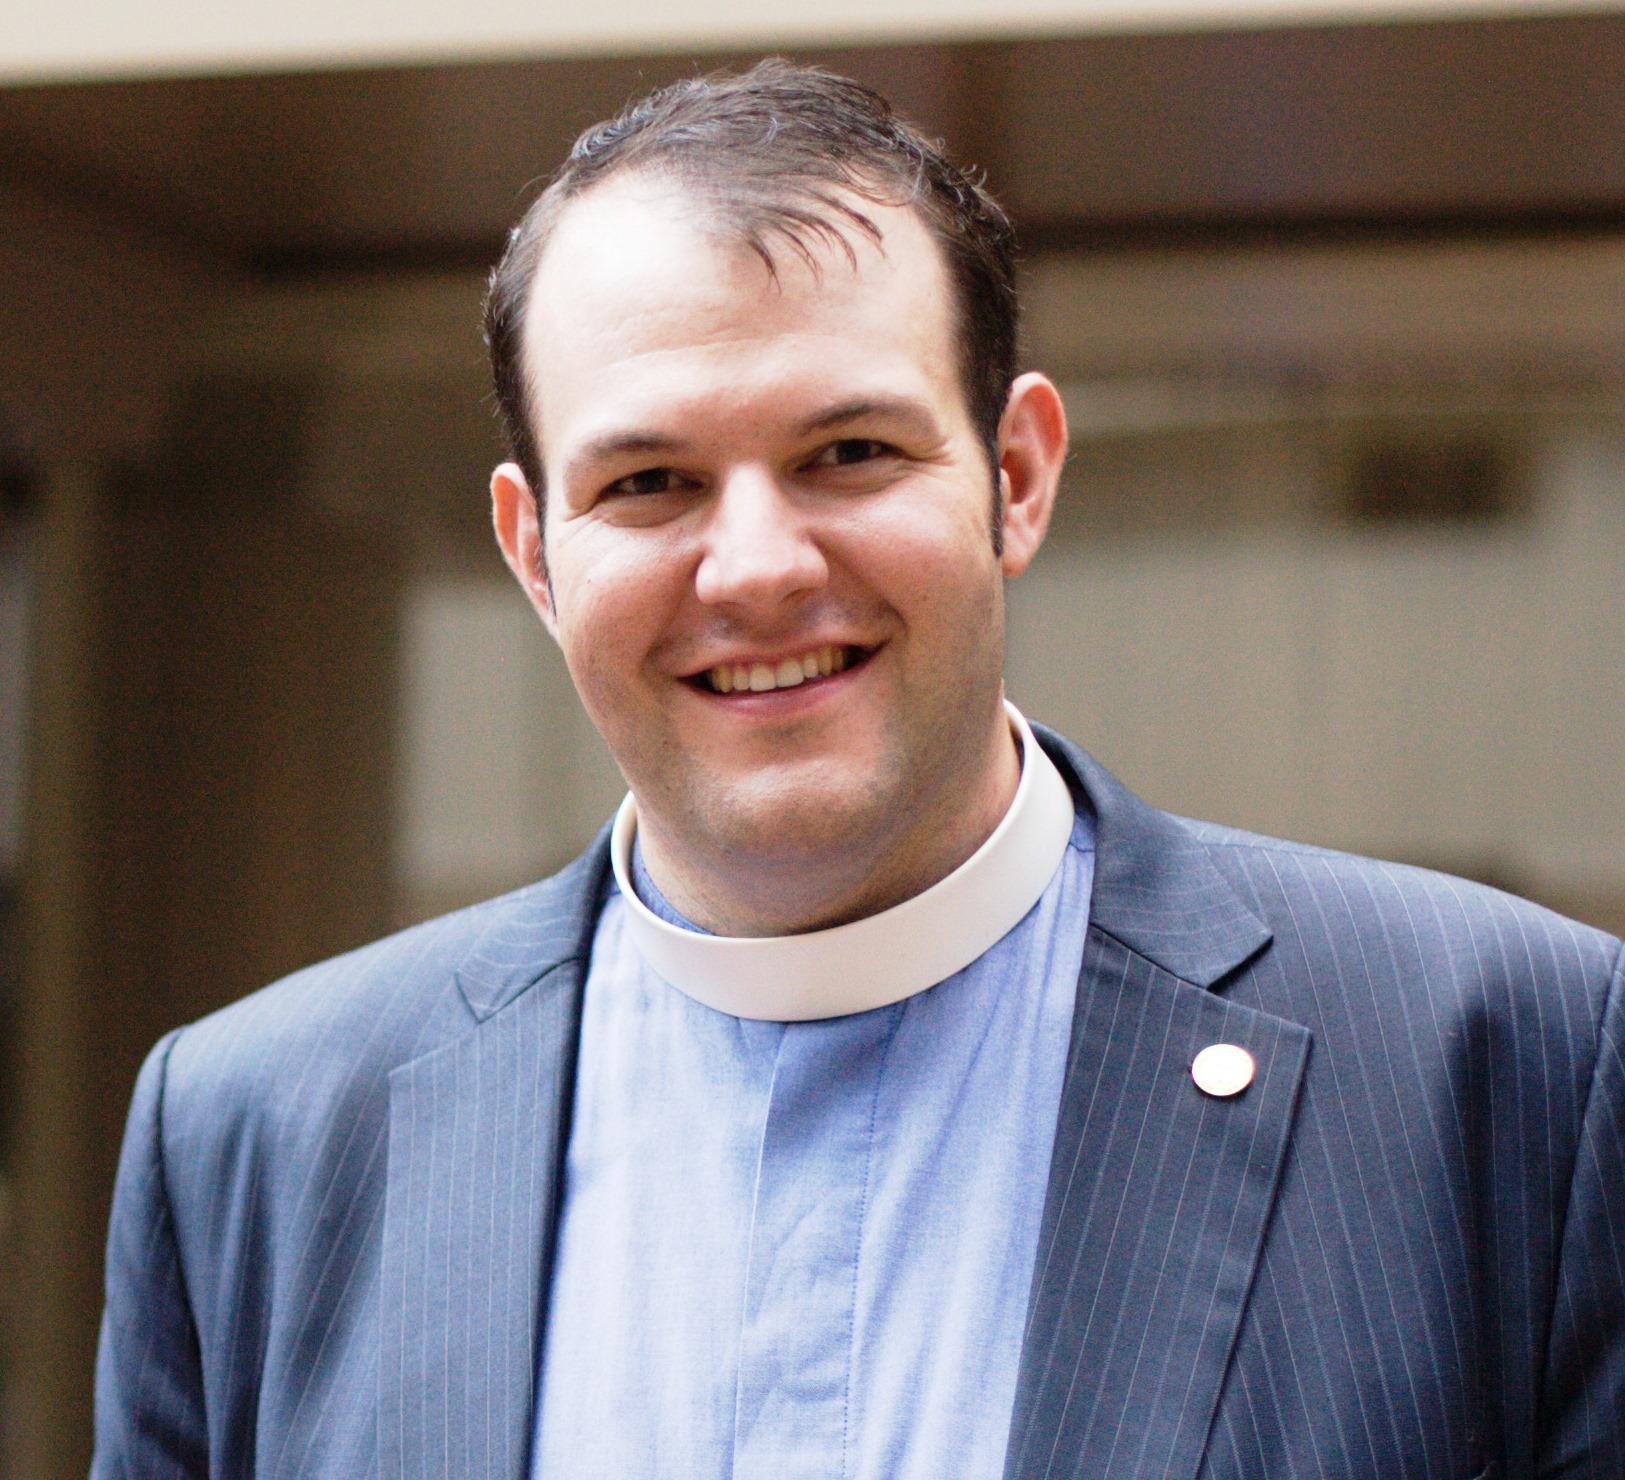 Rev. Mathew Laferty, nuevo Director de la Oficina Ecuménica Metodista de Roma. Foto cortesía de la Iglesia Metodista Unida de Habla Inglesa en Viena.